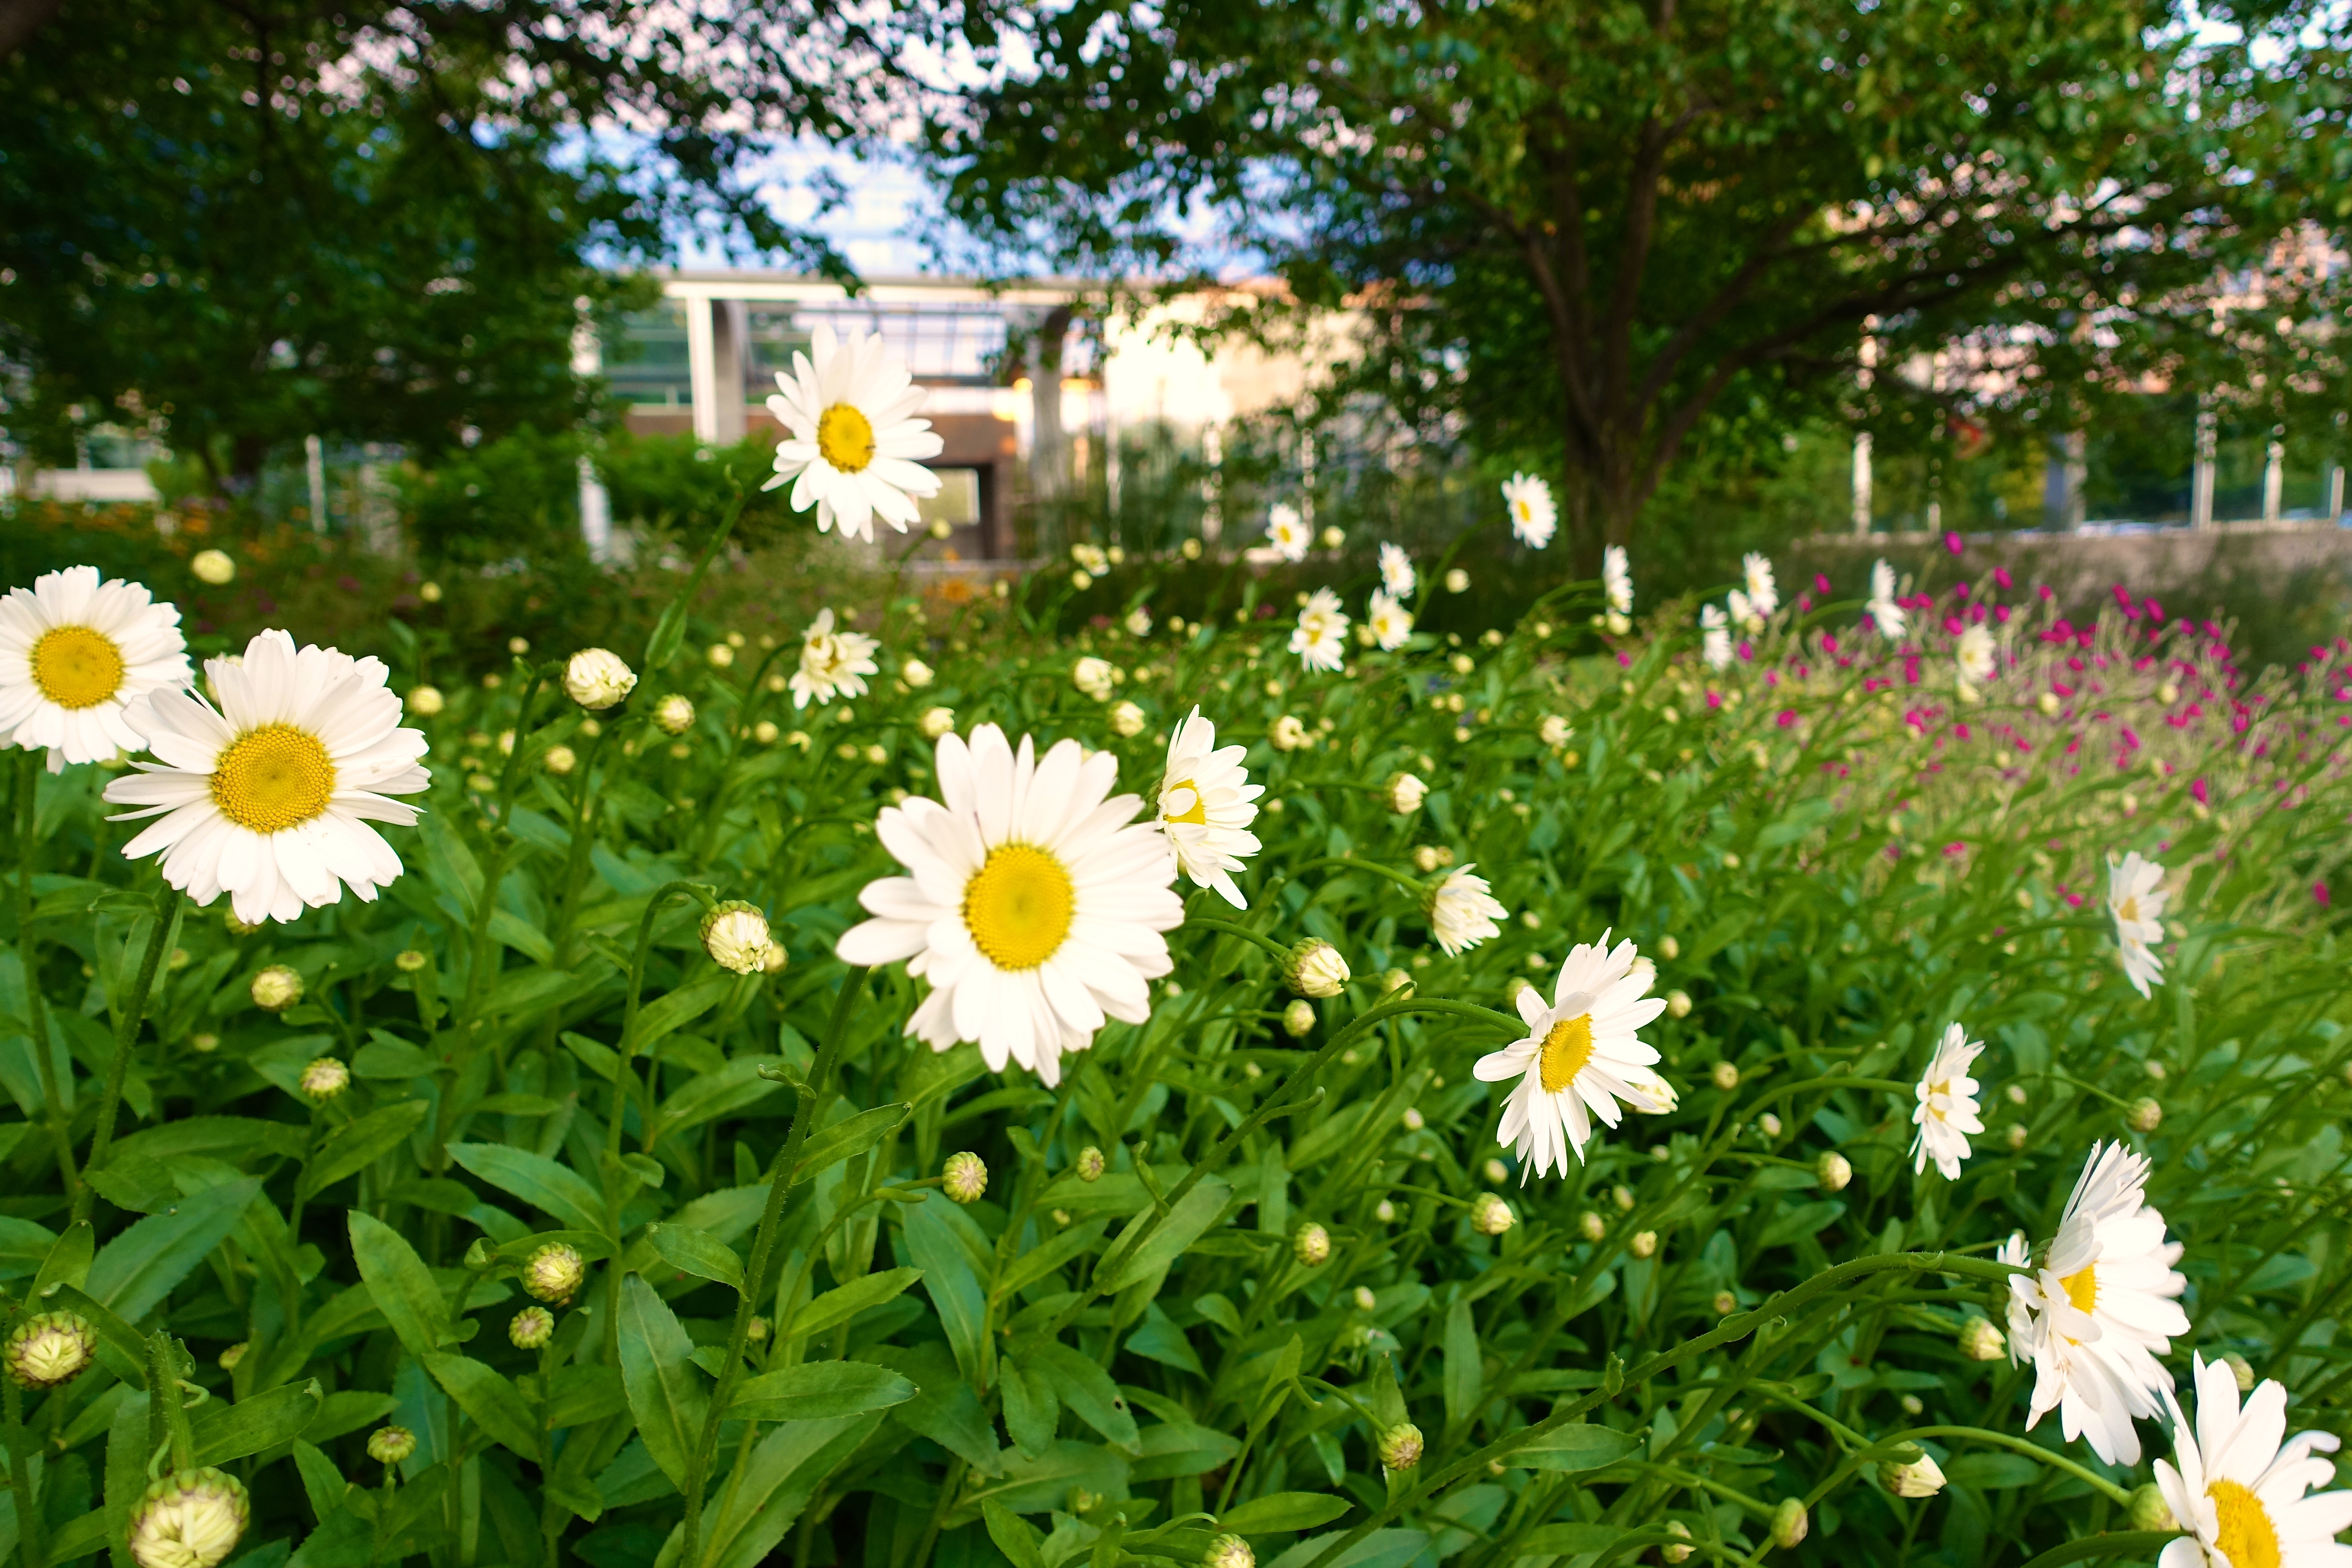 Daisies at Meijer Garden